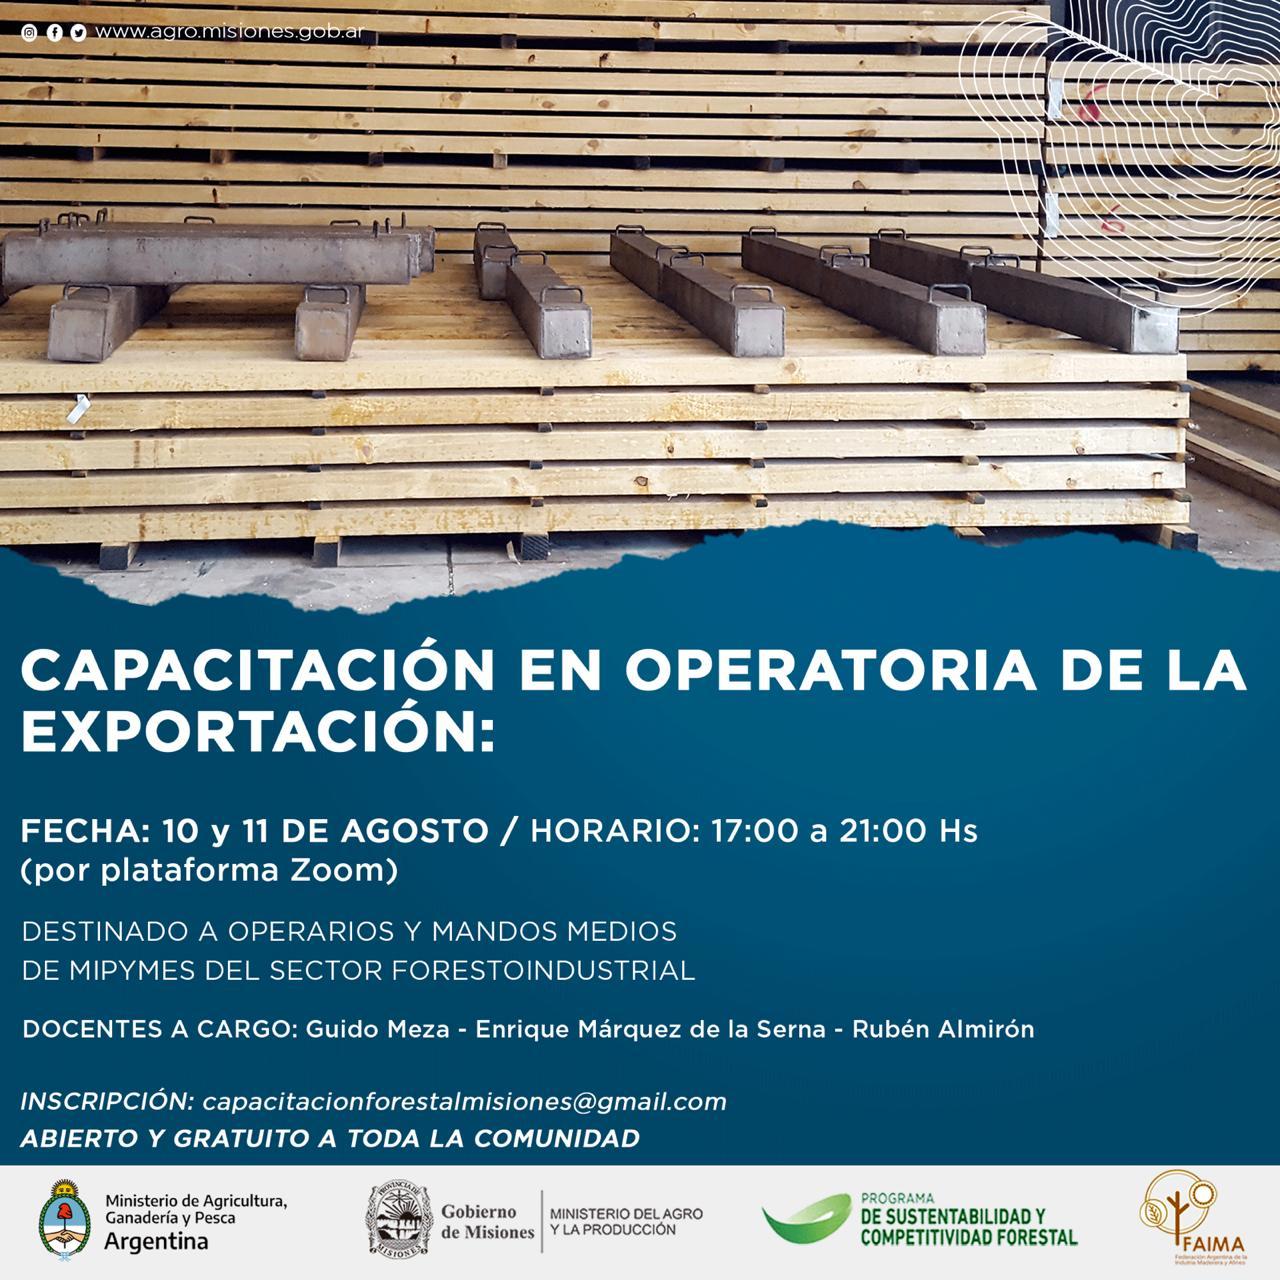 Capacitación en operatoria de la exportación para el sector forestal